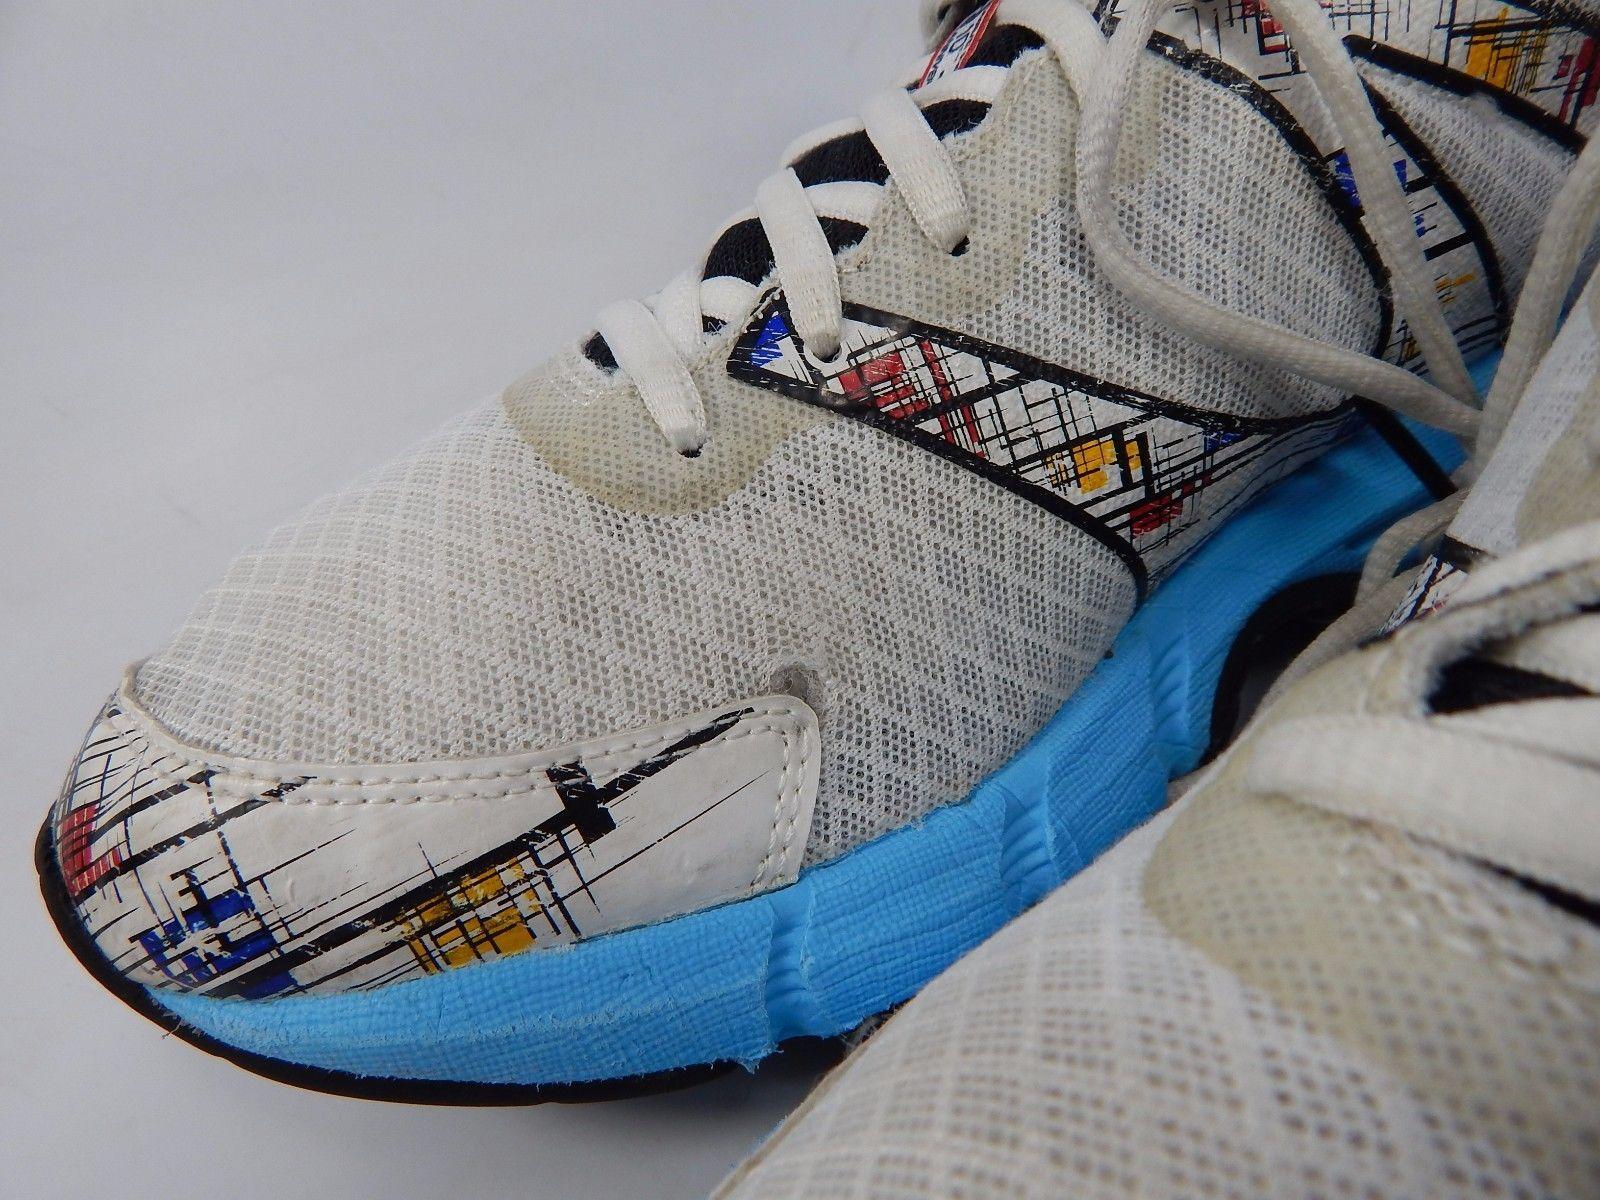 Mizuno Wave Inspire 10 Women's Running Shoes Size US 10.5 M (B) EU 42 Blue White